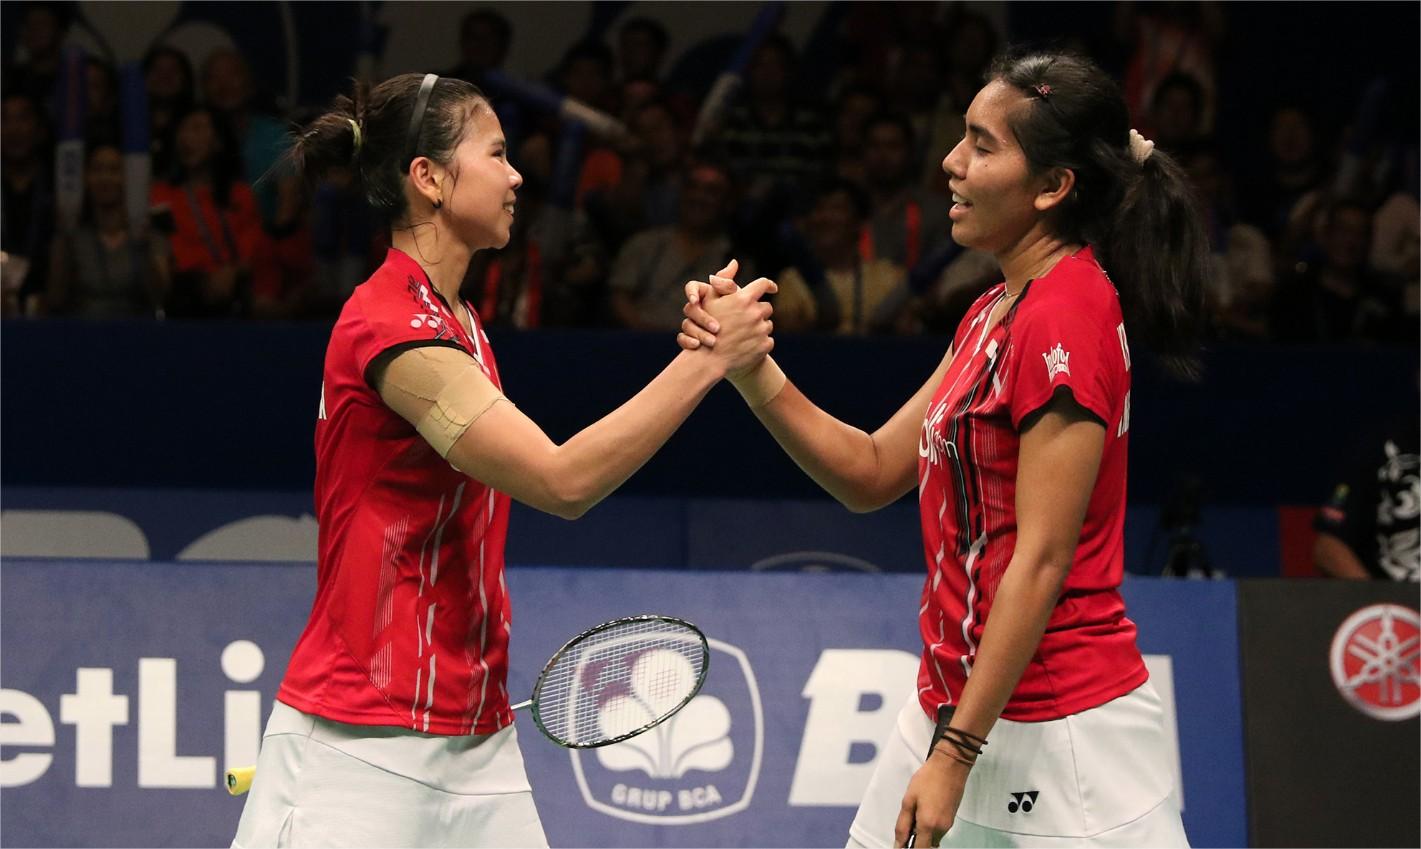 Daftar Harga Tiket Indonesia Open 2016, 30 Mei-5 Juni Di Istora Senayan